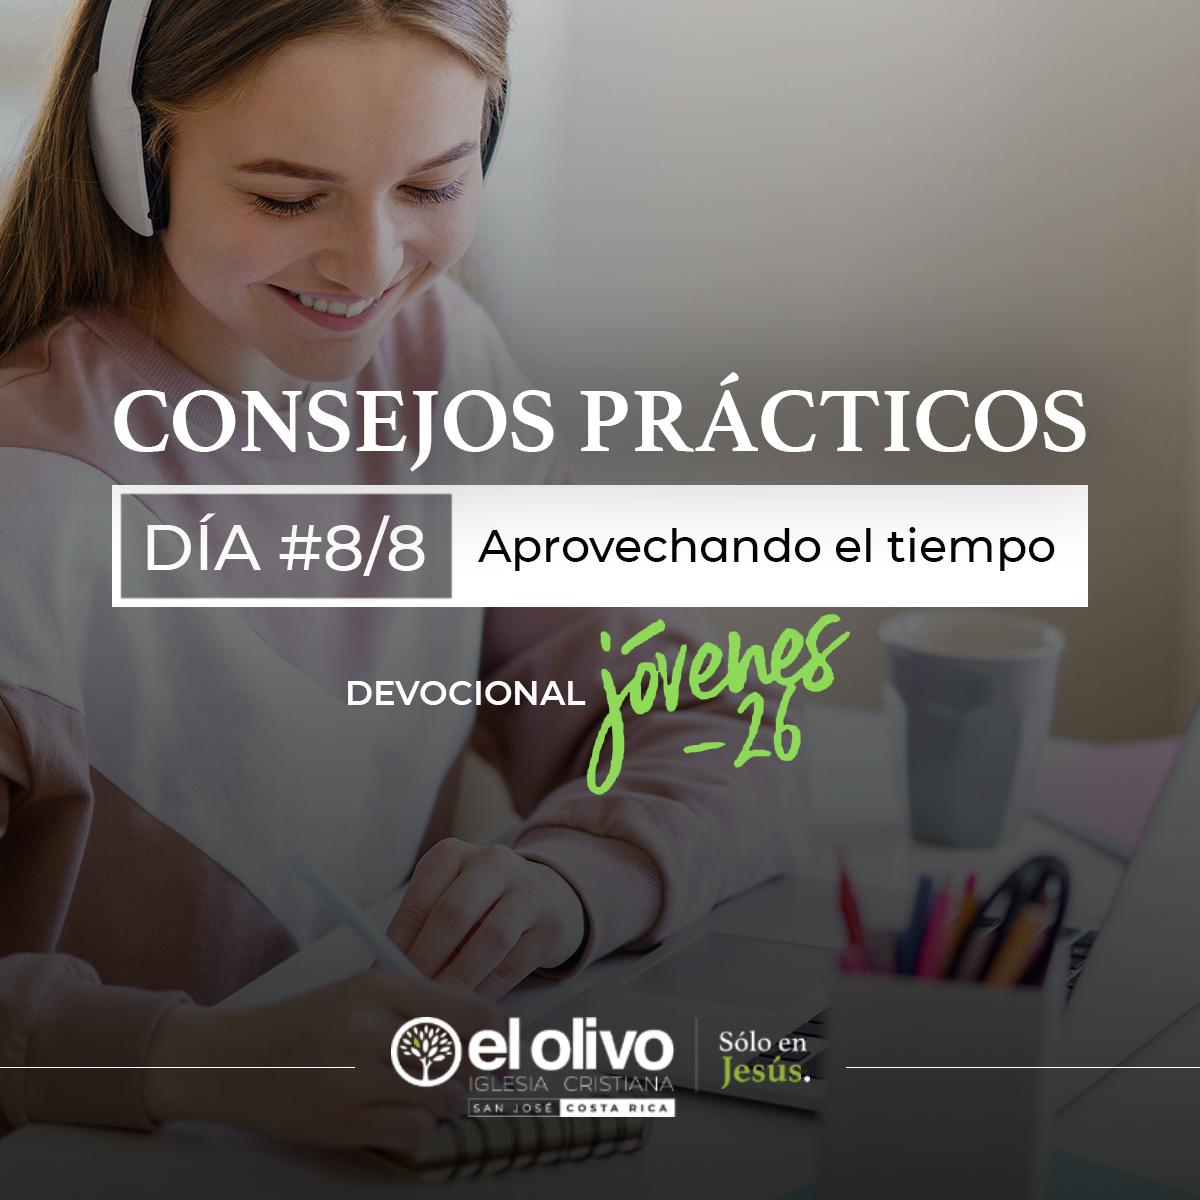 Devocional: Consejos Prácticos para Jóvenes - Día #8